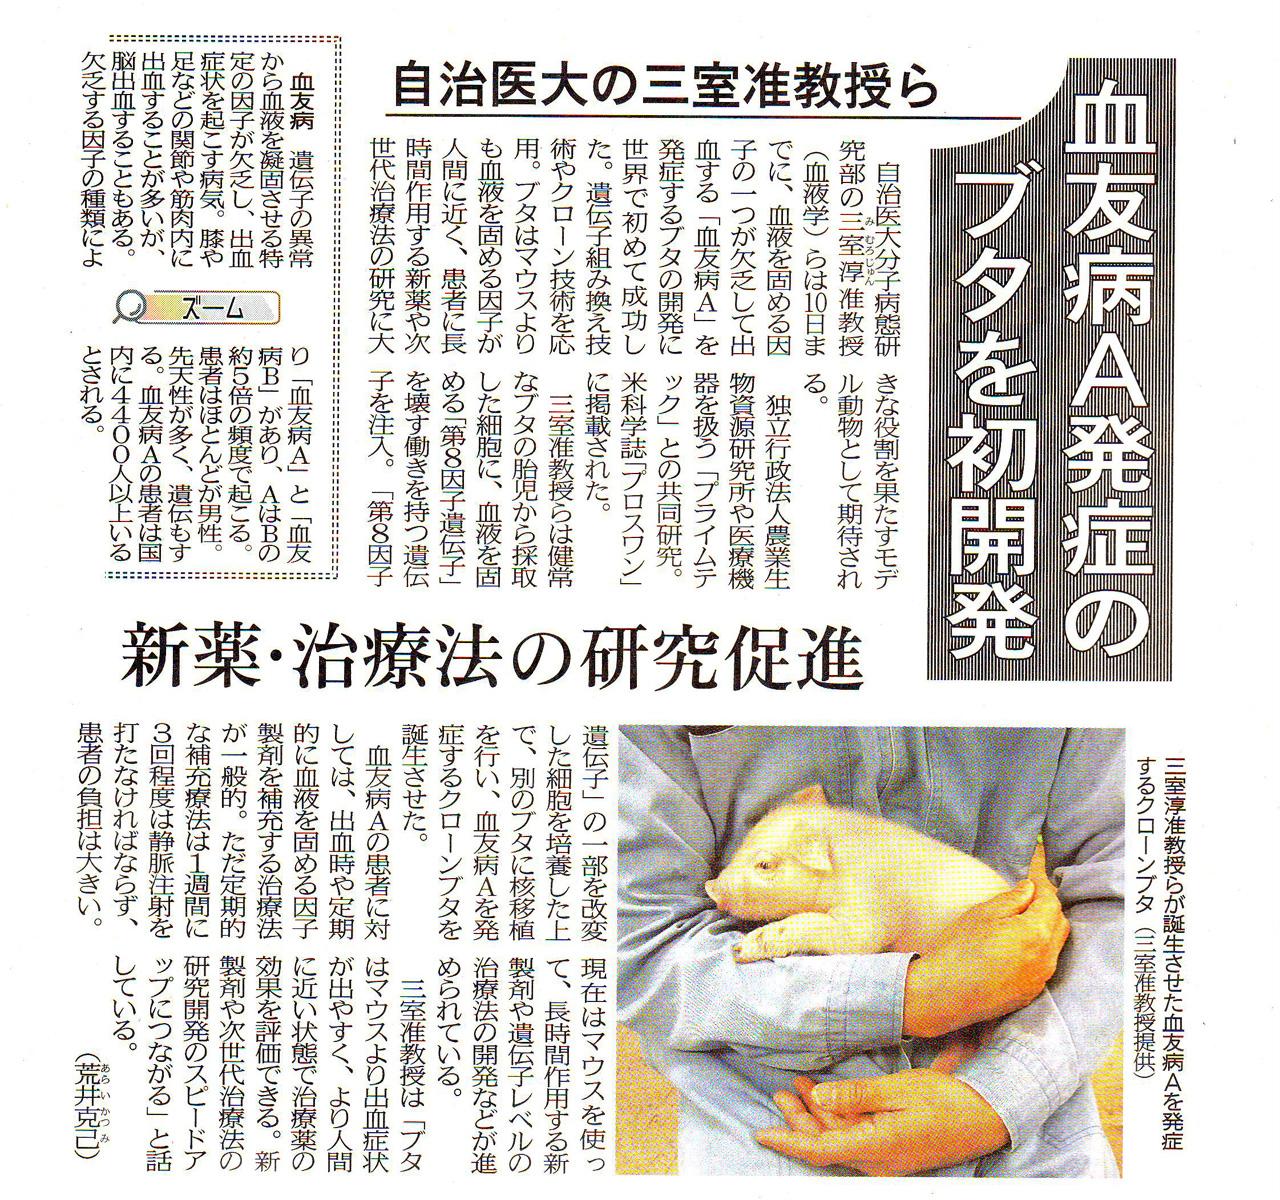 当院の三室淳先生が世界で初めて血友病A発症のブタを開発しました。